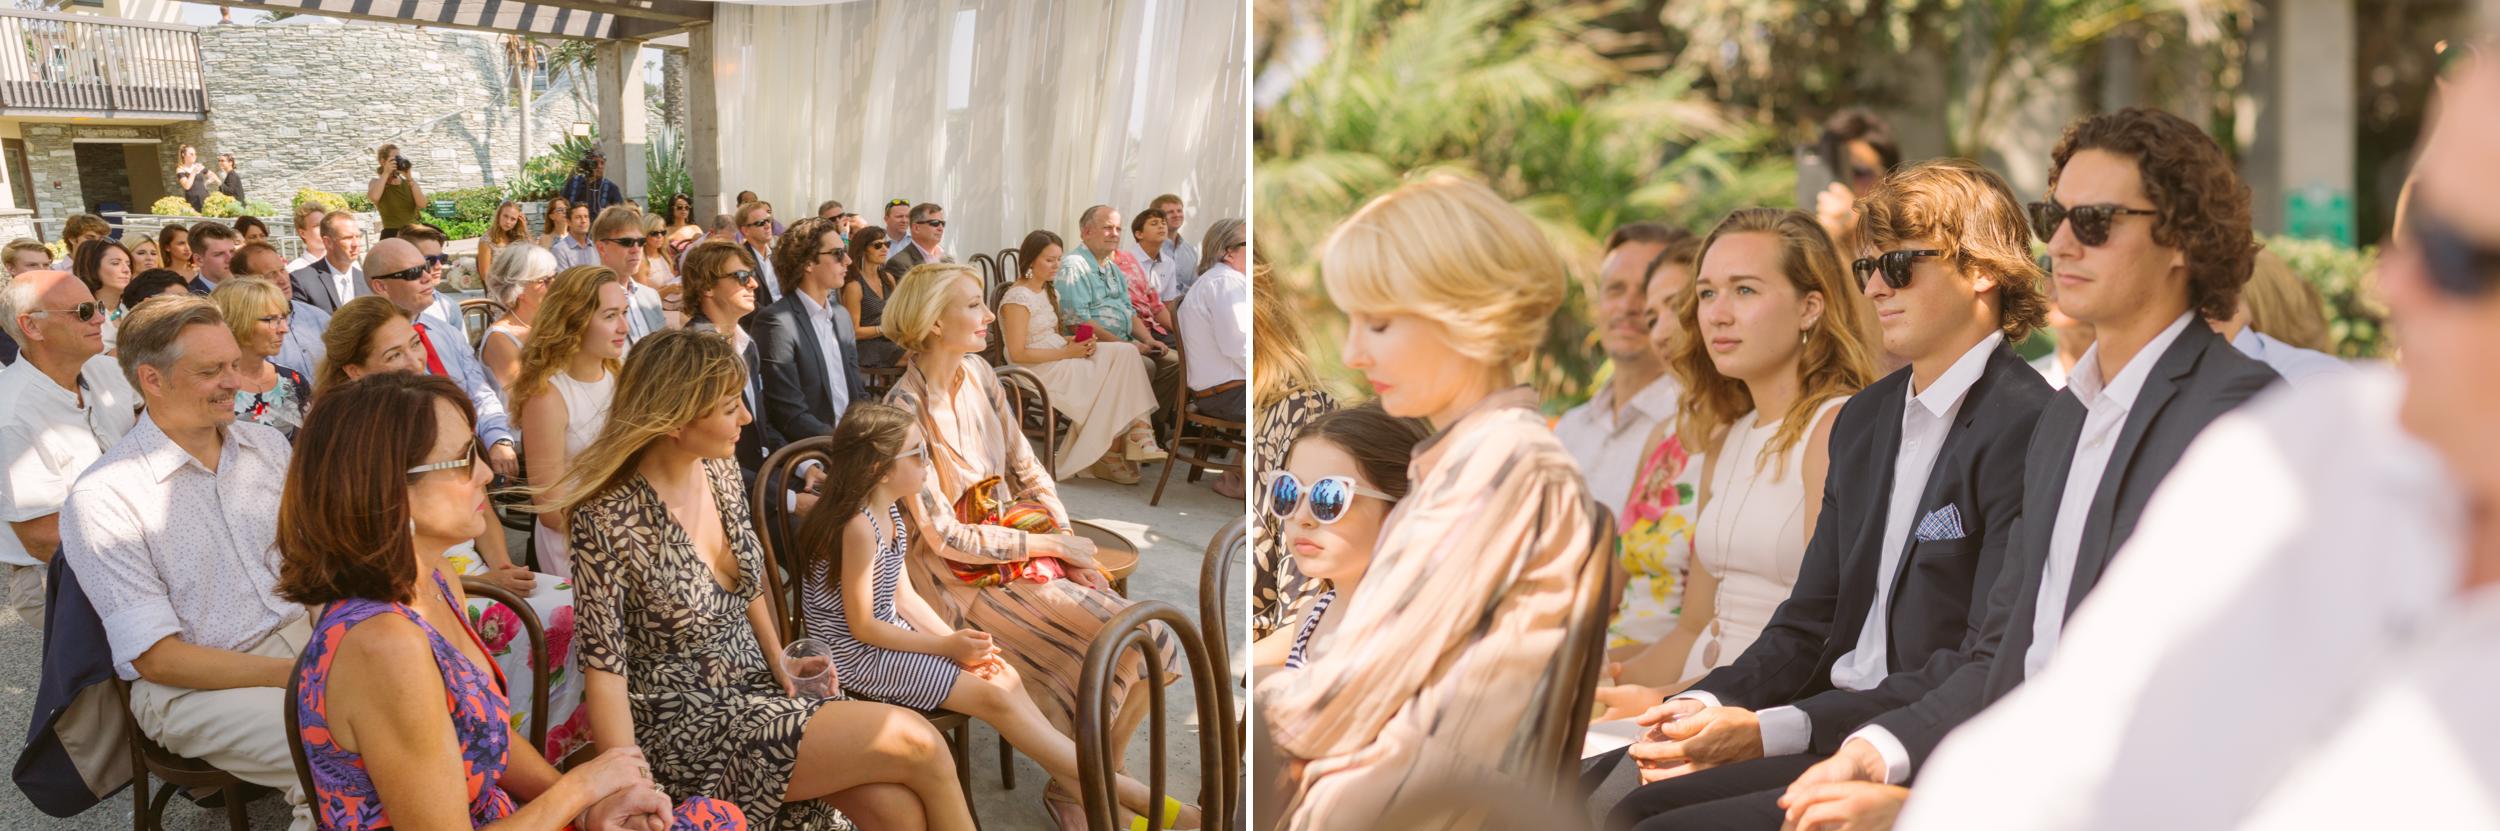 113DEL.MAR.WEDDINGS.photography.Weddingguests.shewanders.JPG